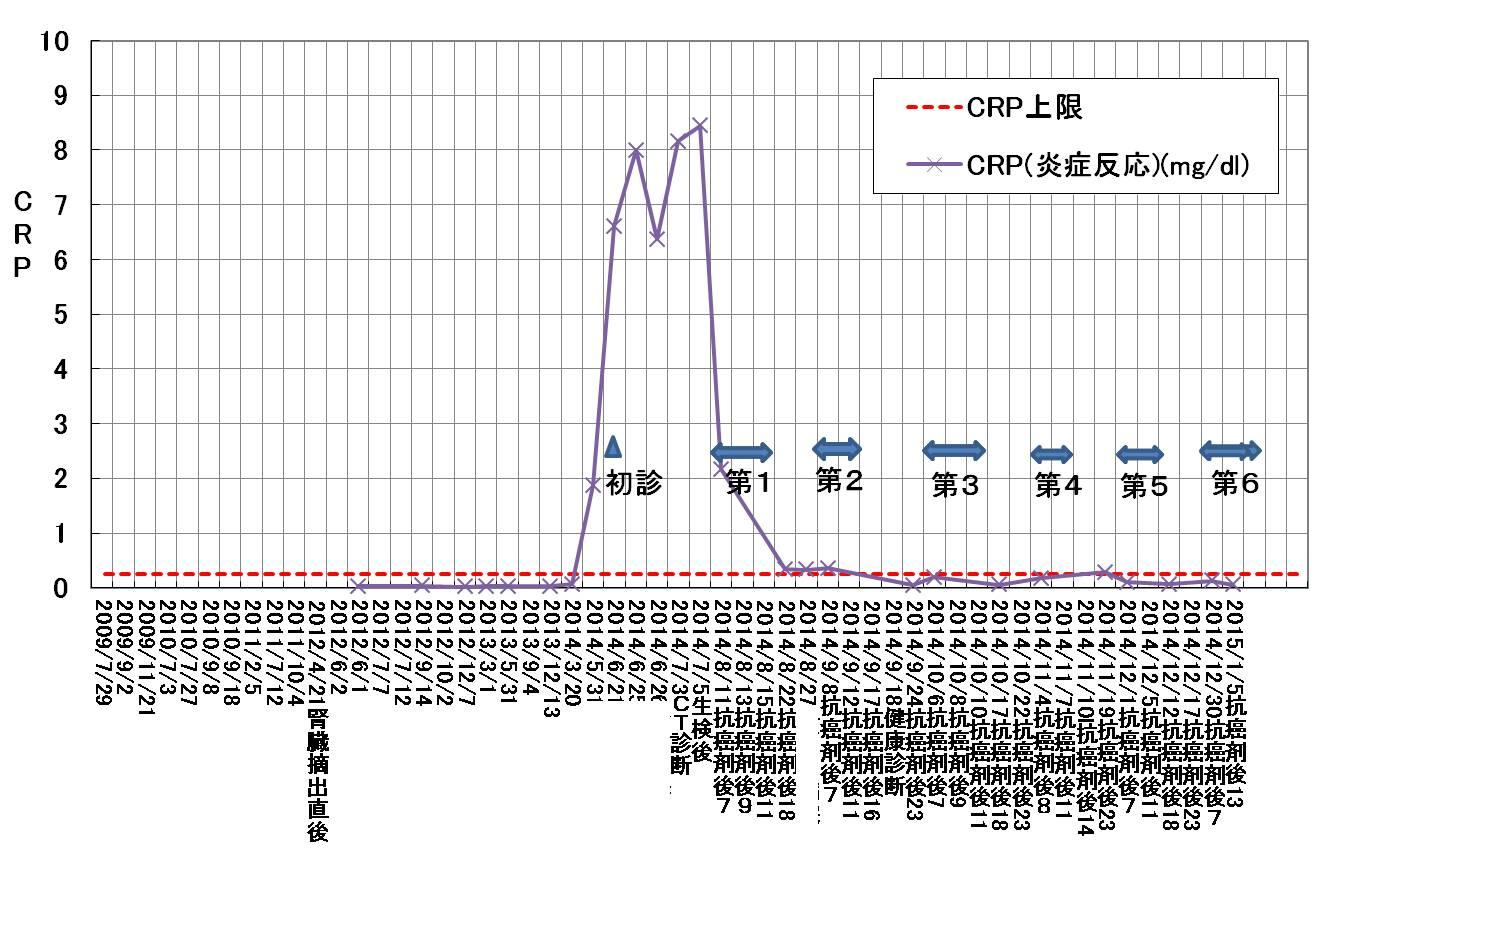 検査 値 血液 crp 基準